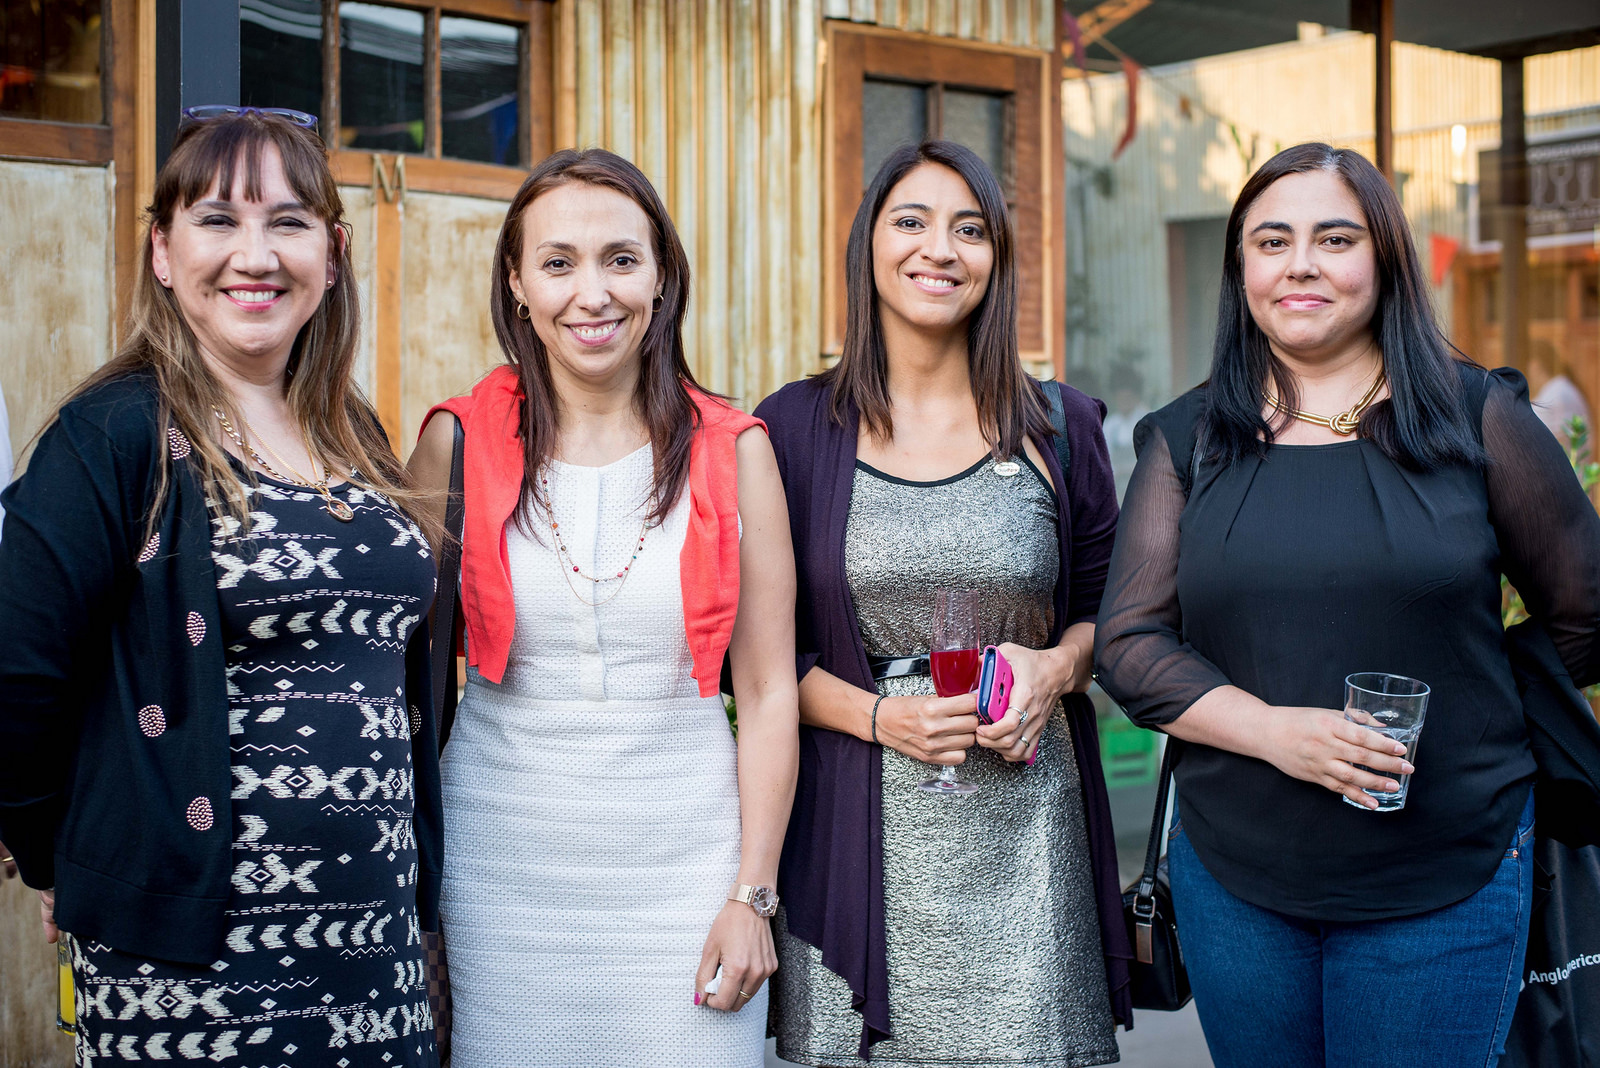 (De izquierda a derecha) Aileen Cárcamo, Jefa de Comunicaciones de Direcon; Paulina Nazal, Directora General de Direcon; Natalia Sepúlveda, Jefa del Departamento de Estudios y Marketing de Asprocer, y Denisse Vásquez, periodista del Diario Financiero.